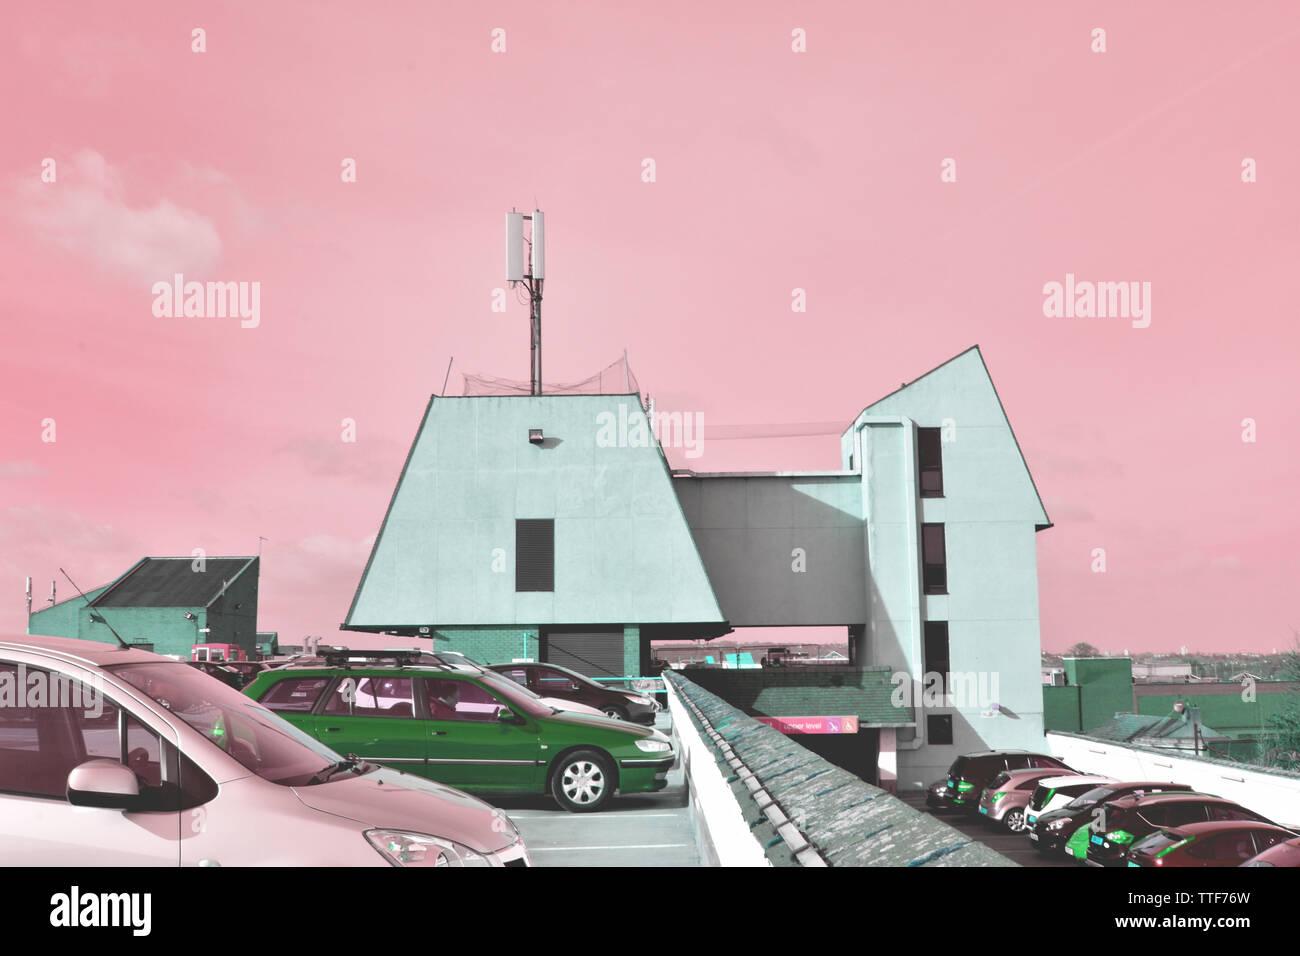 Parcheggio auto roof top in bexleyheath, di menta verde stile brutalist edifici, sia contemporaneo e retrò, rosa saccarina cieli sciropposo, tinte ostili Immagini Stock